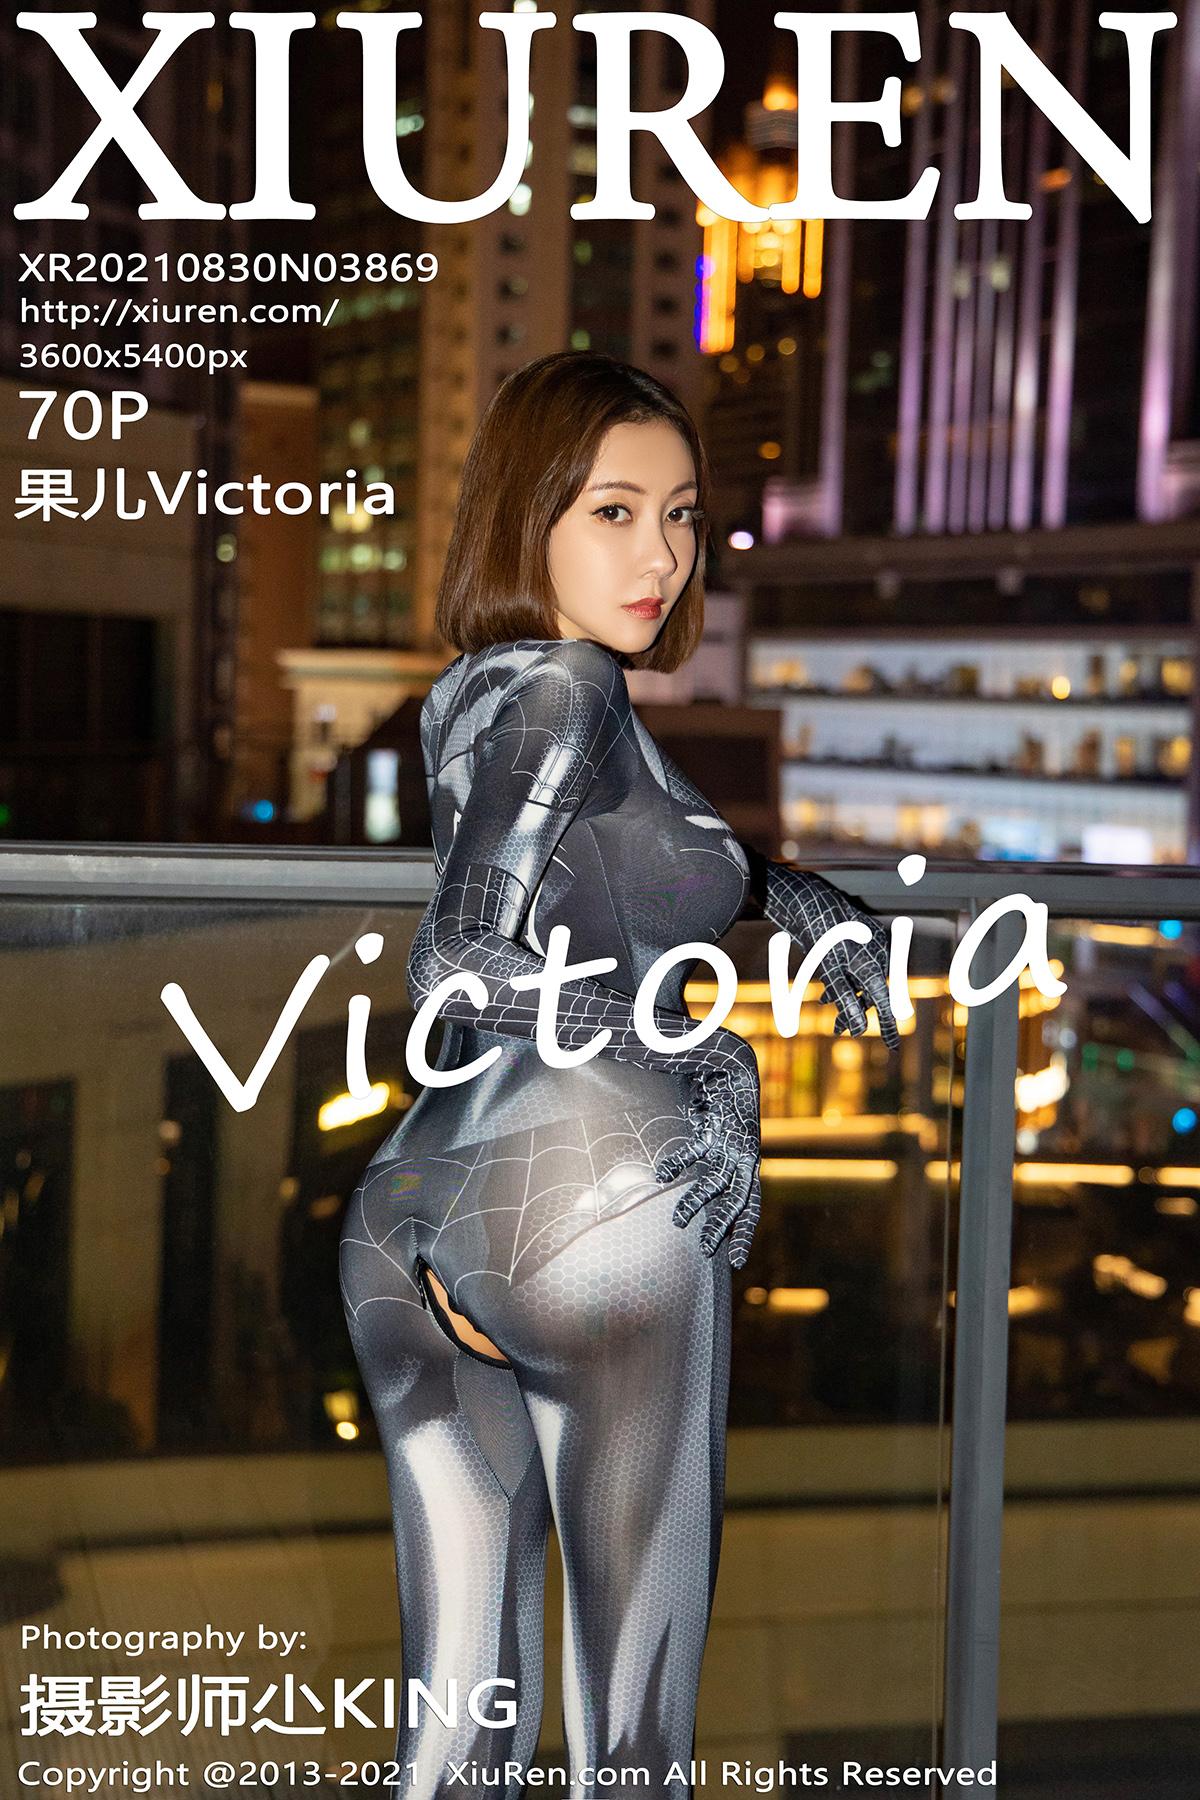 [XiuRen秀人網] 2021.08.30 No.3869 果兒Victoria 蜘蛛俠情趣服飾外拍系列 [70P] - 貼圖 - 清涼寫真 -